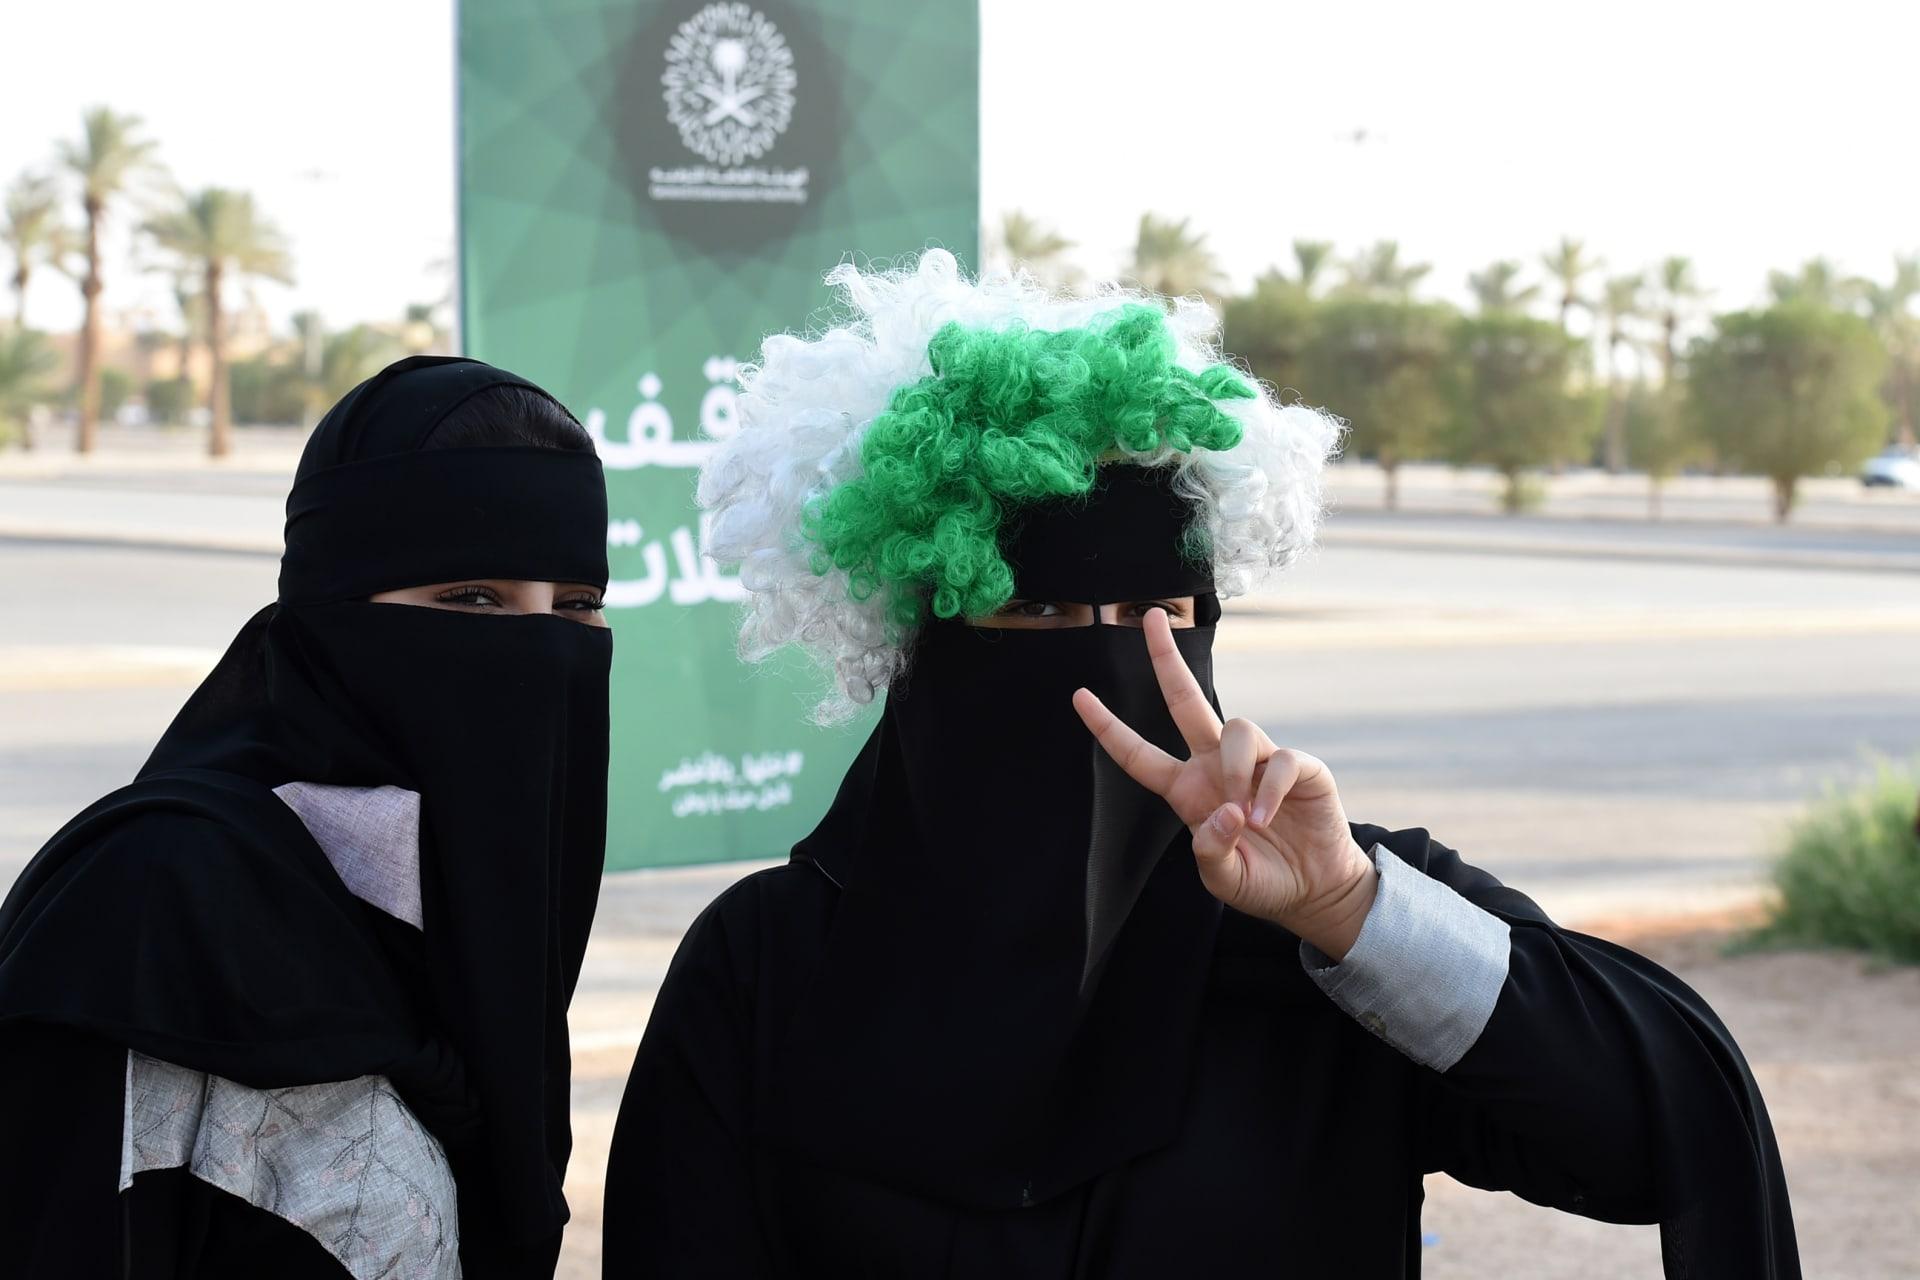 كيف كانت اللحظات الأولى التي عاشتها السعوديات بعد قرار السماح للمرأة بالقيادة؟